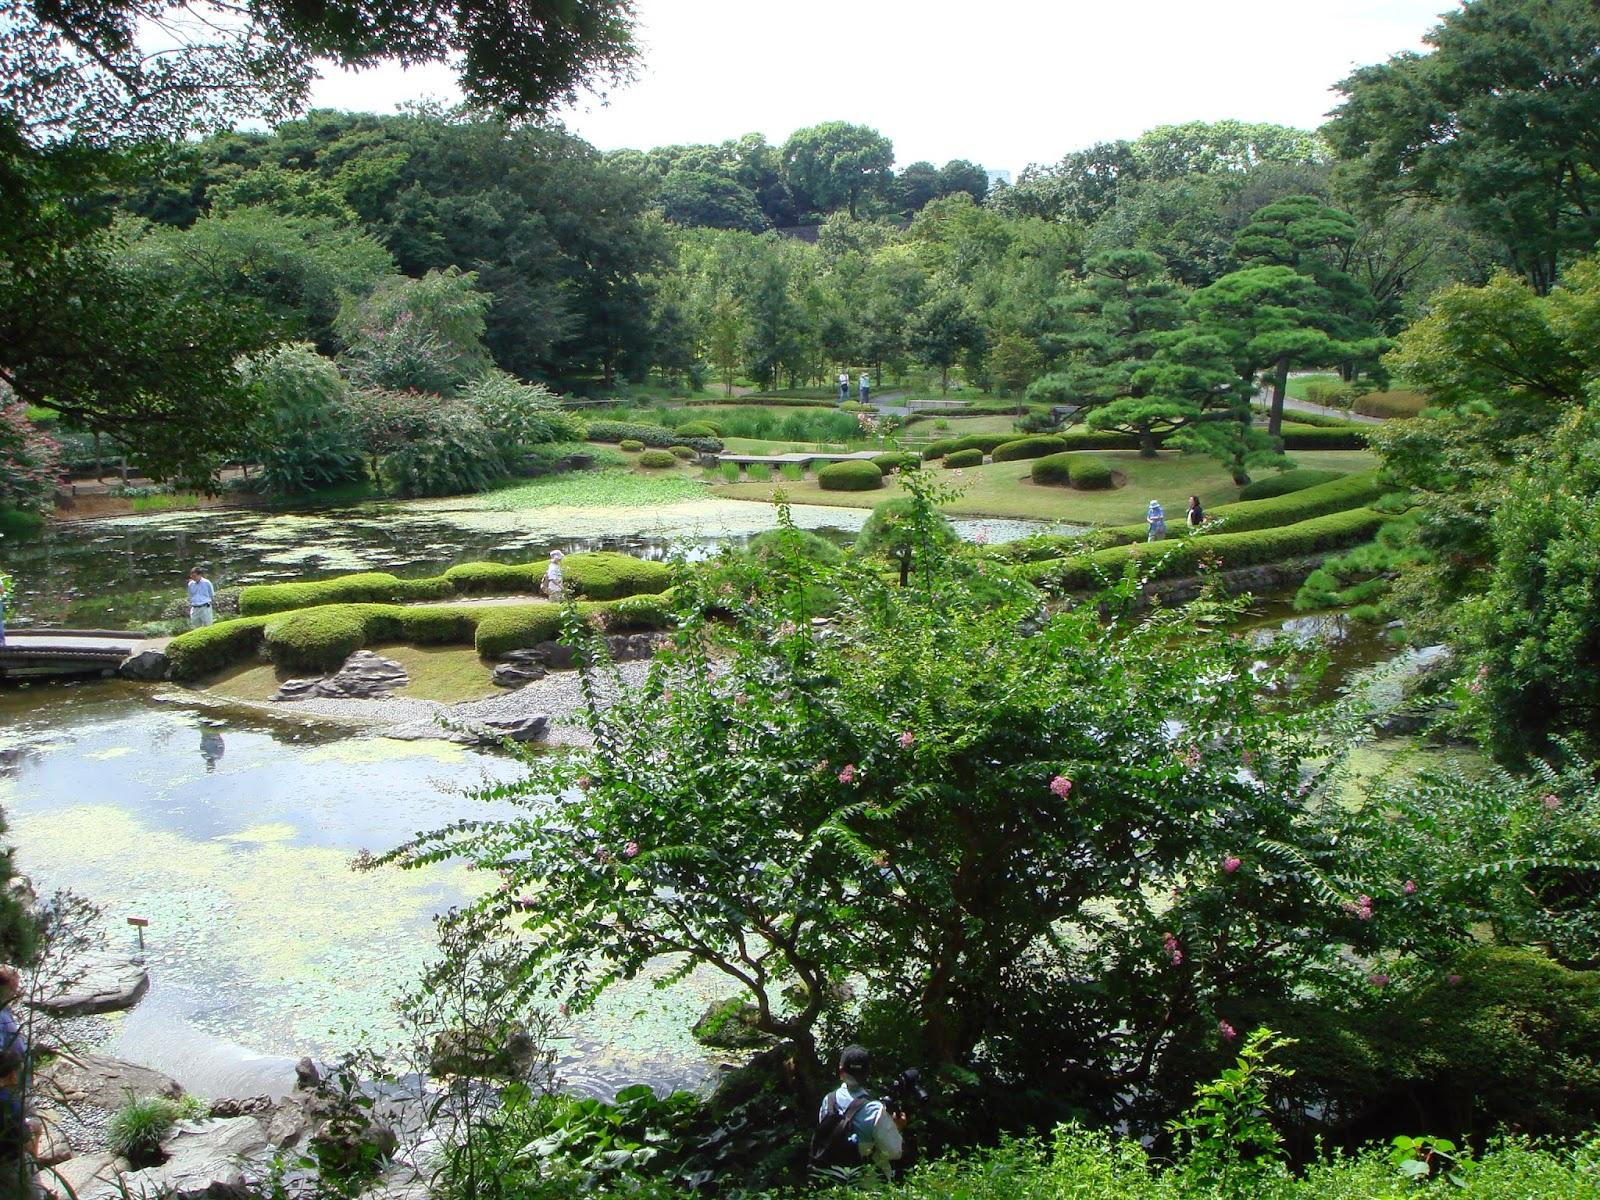 Conoscere il Giappone! 天晴!: maggio 2015